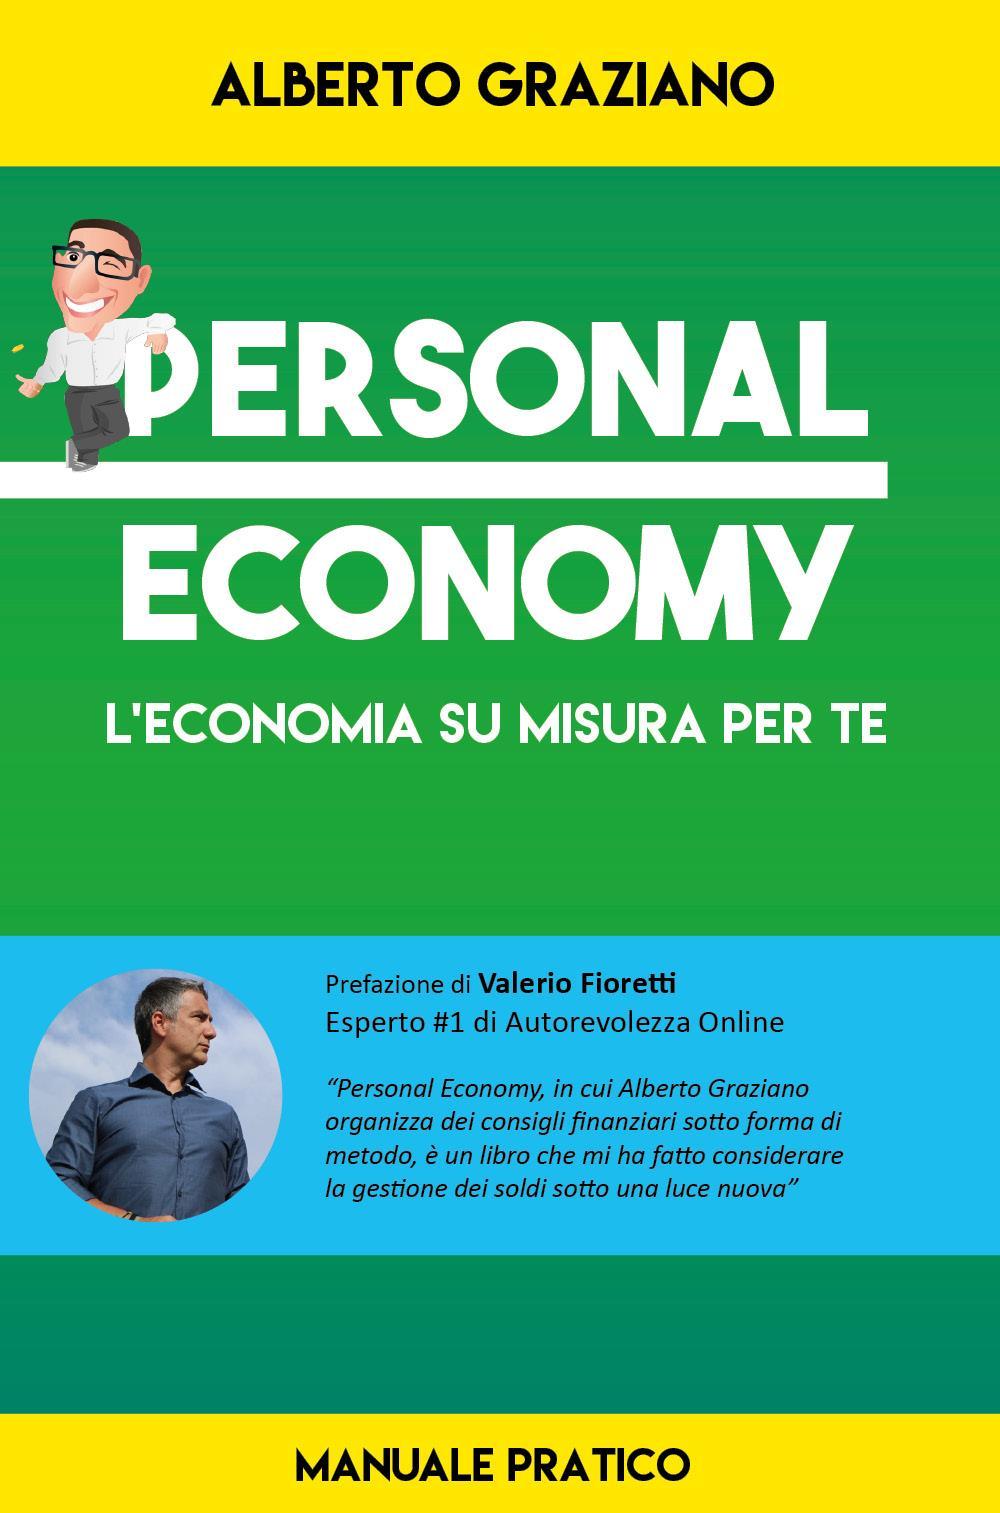 Personal Economy